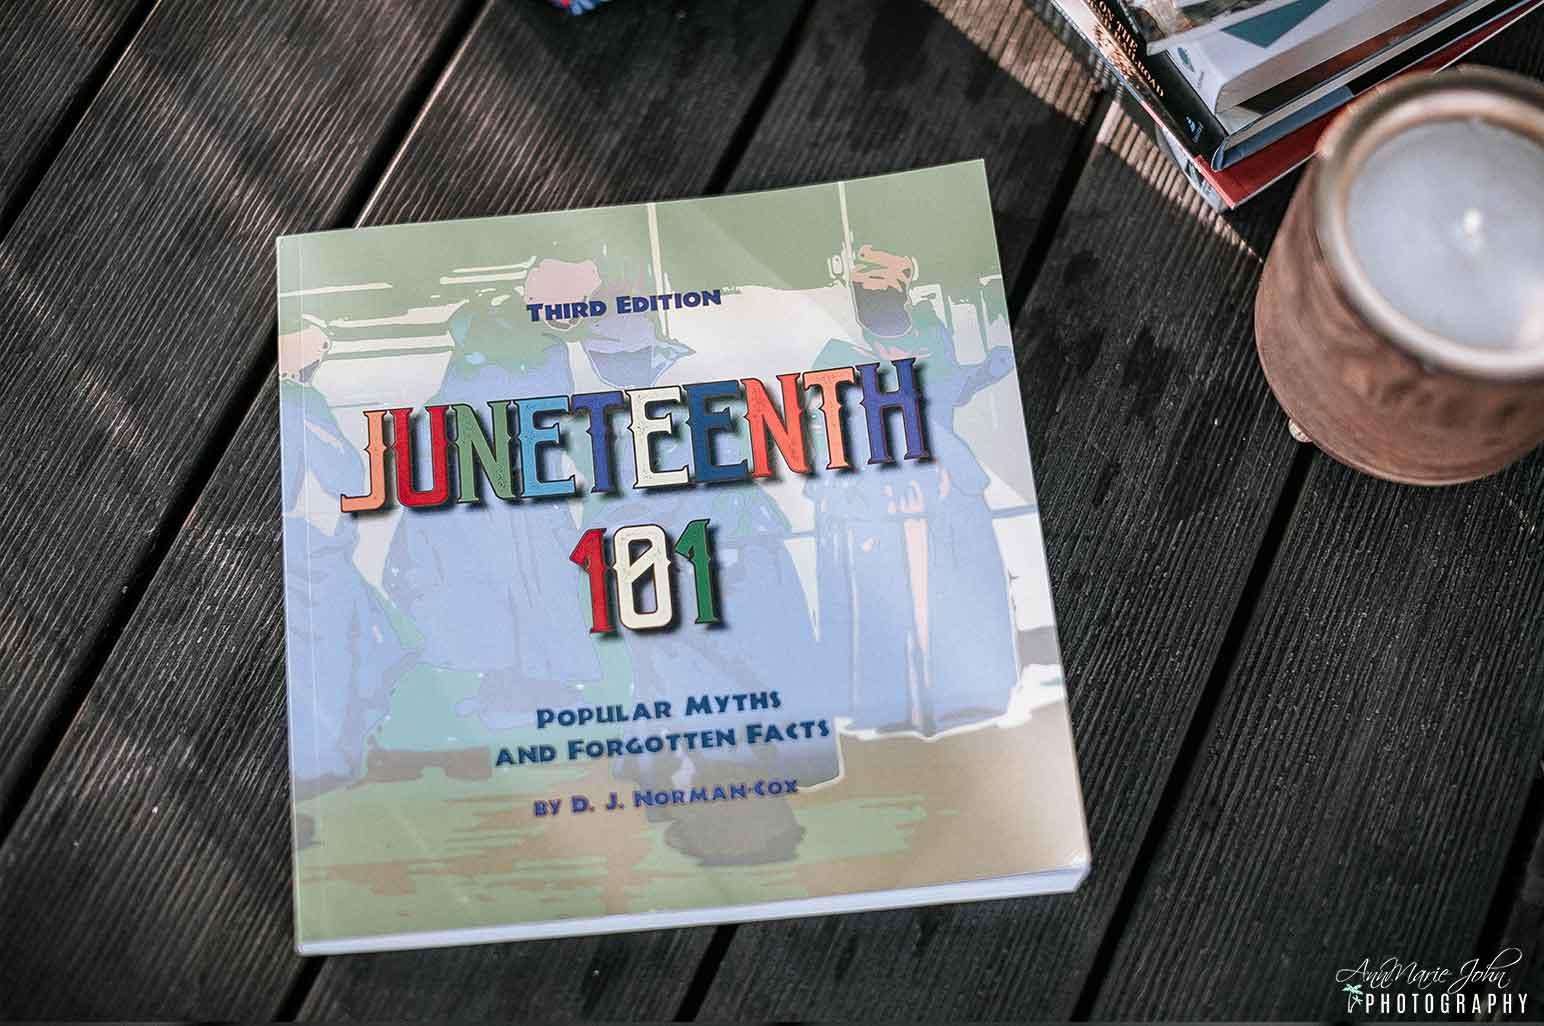 Juneteenth Books - Juneteenth 101 - Popular Myths and Forgotten Facts